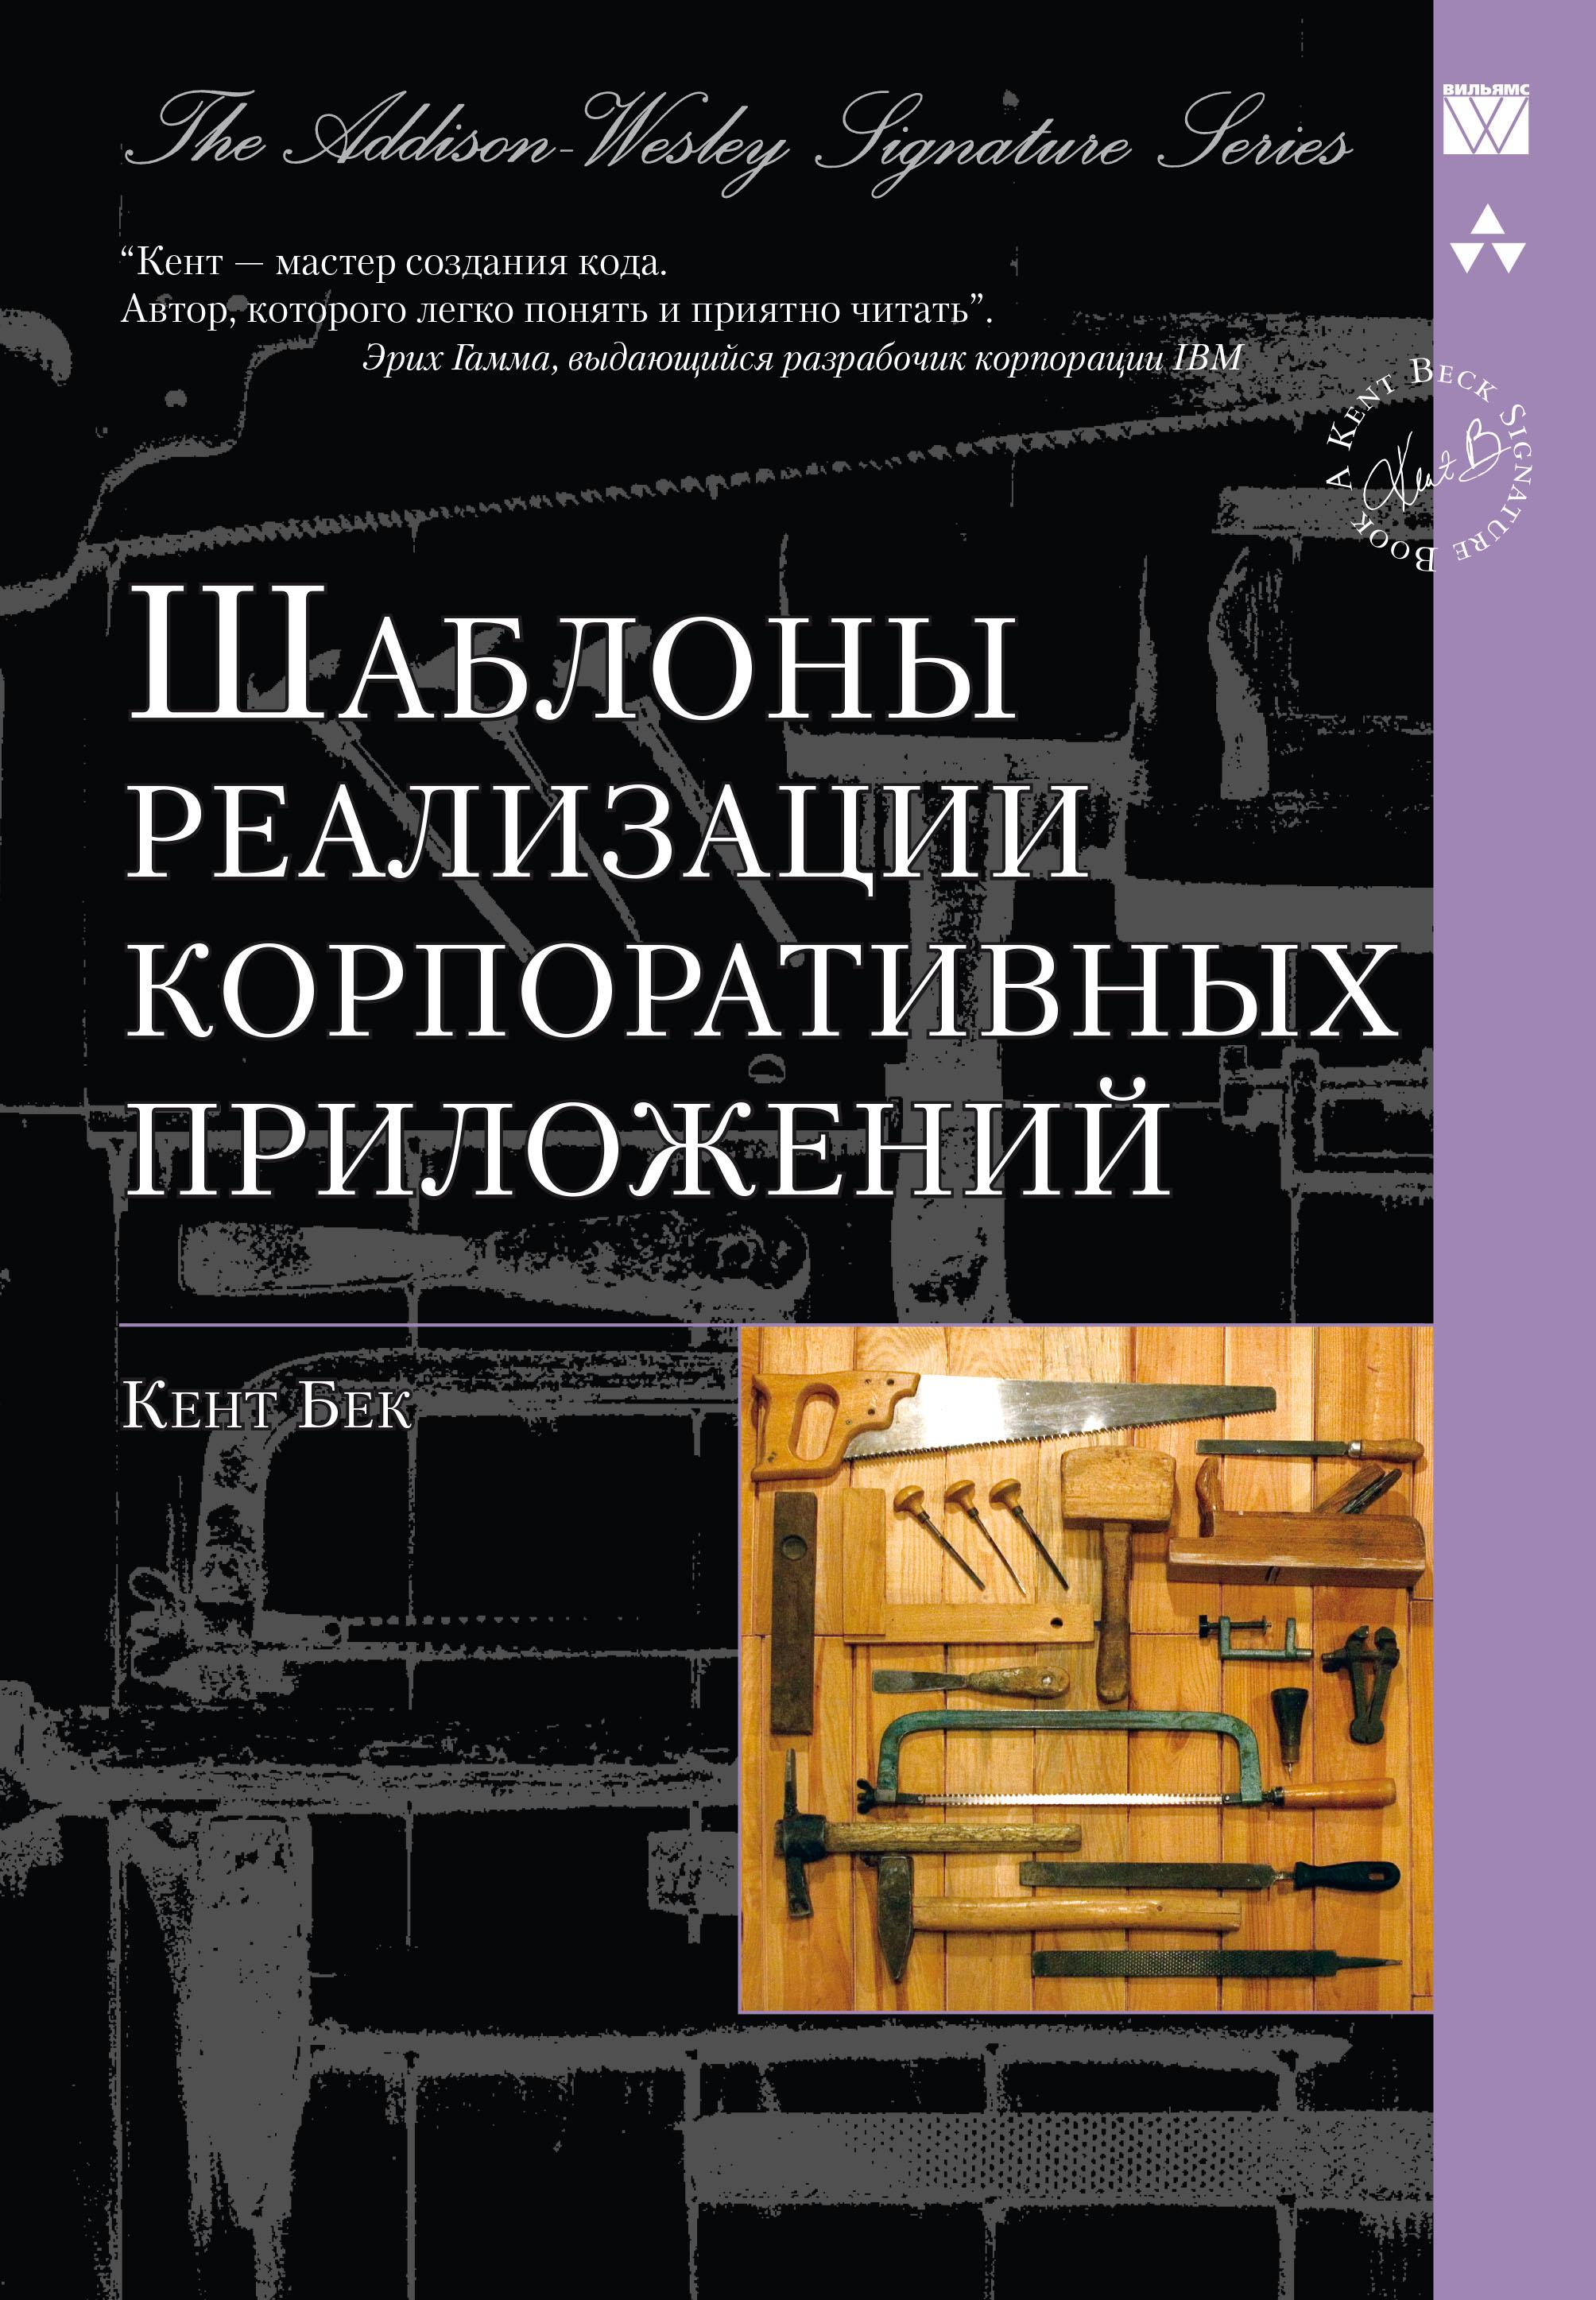 Купить книгу Шаблоны реализации корпоративных приложений, автора Кента Бек